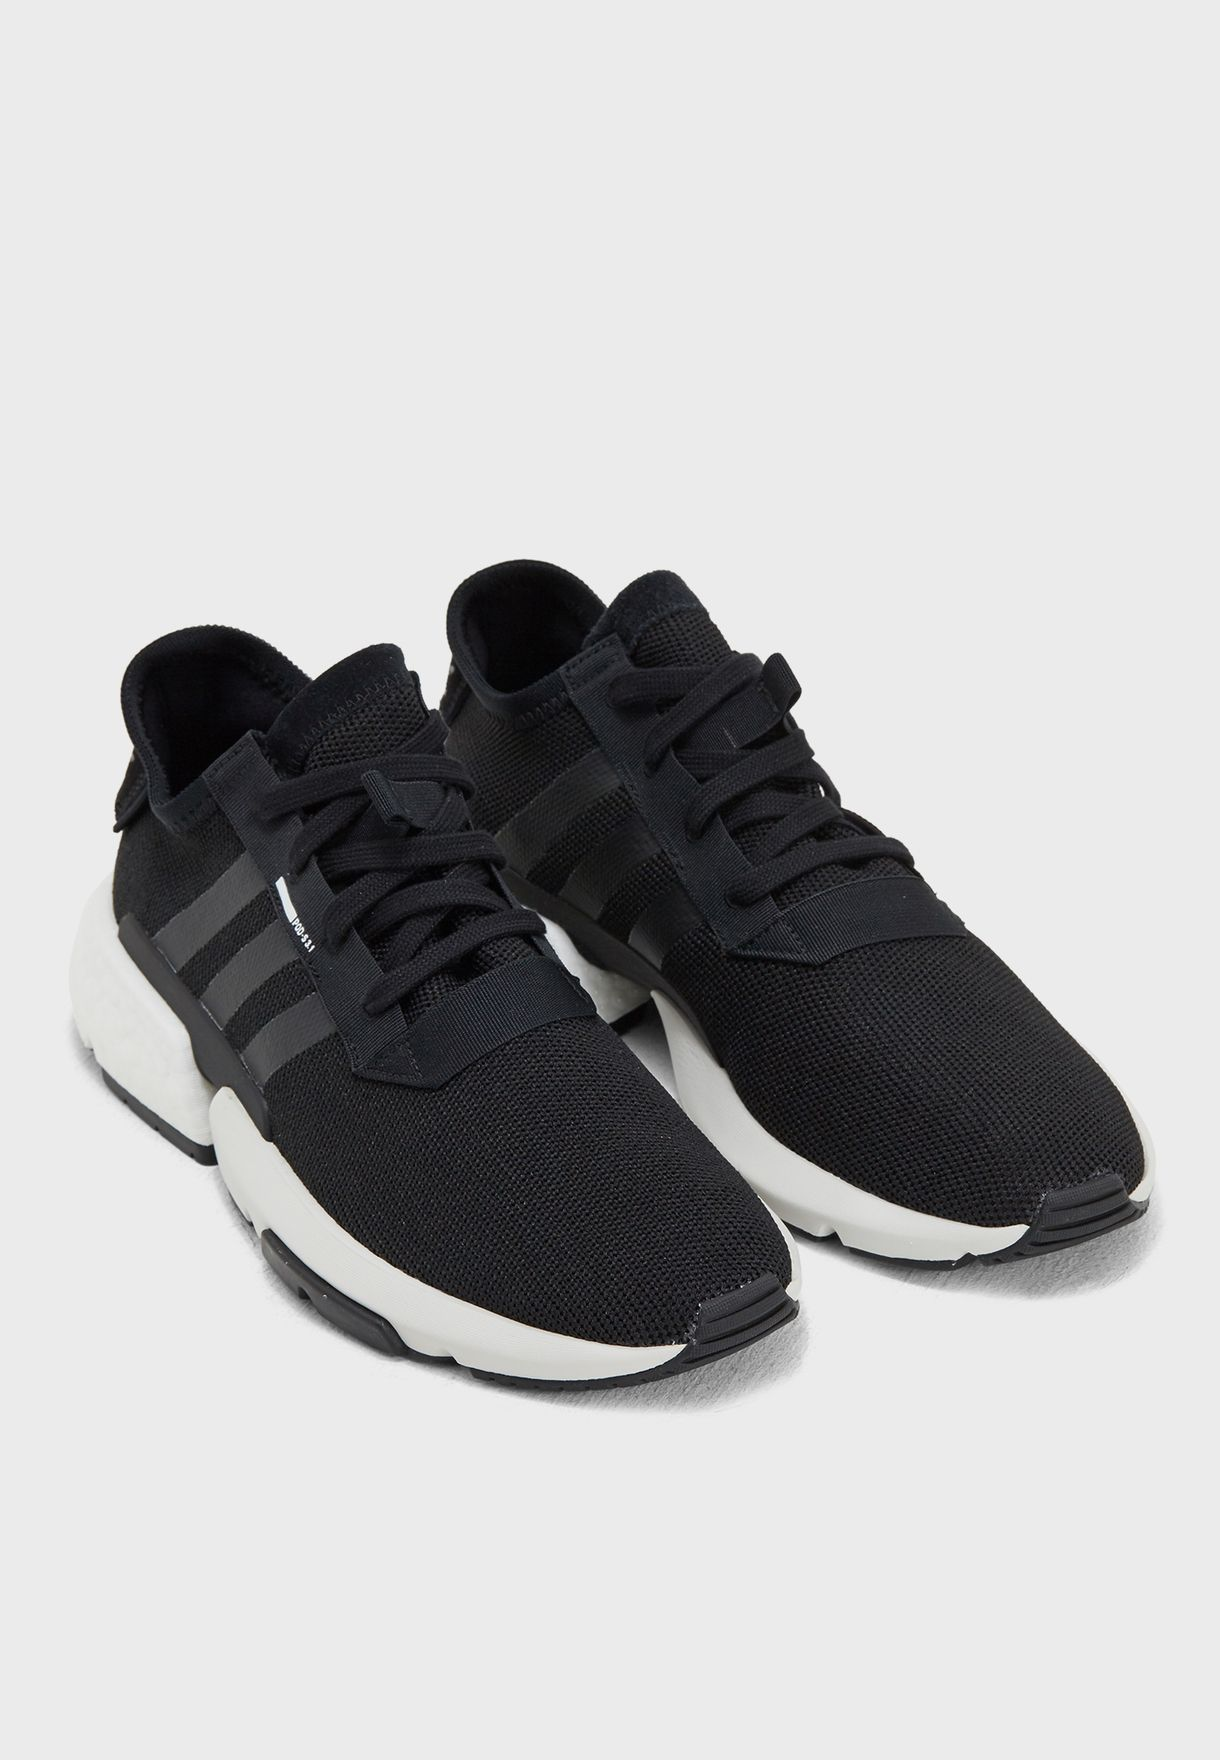 8c5eb0ef02c720 Shop adidas Originals black POD-S3.1 B37366 for Men in UAE ...